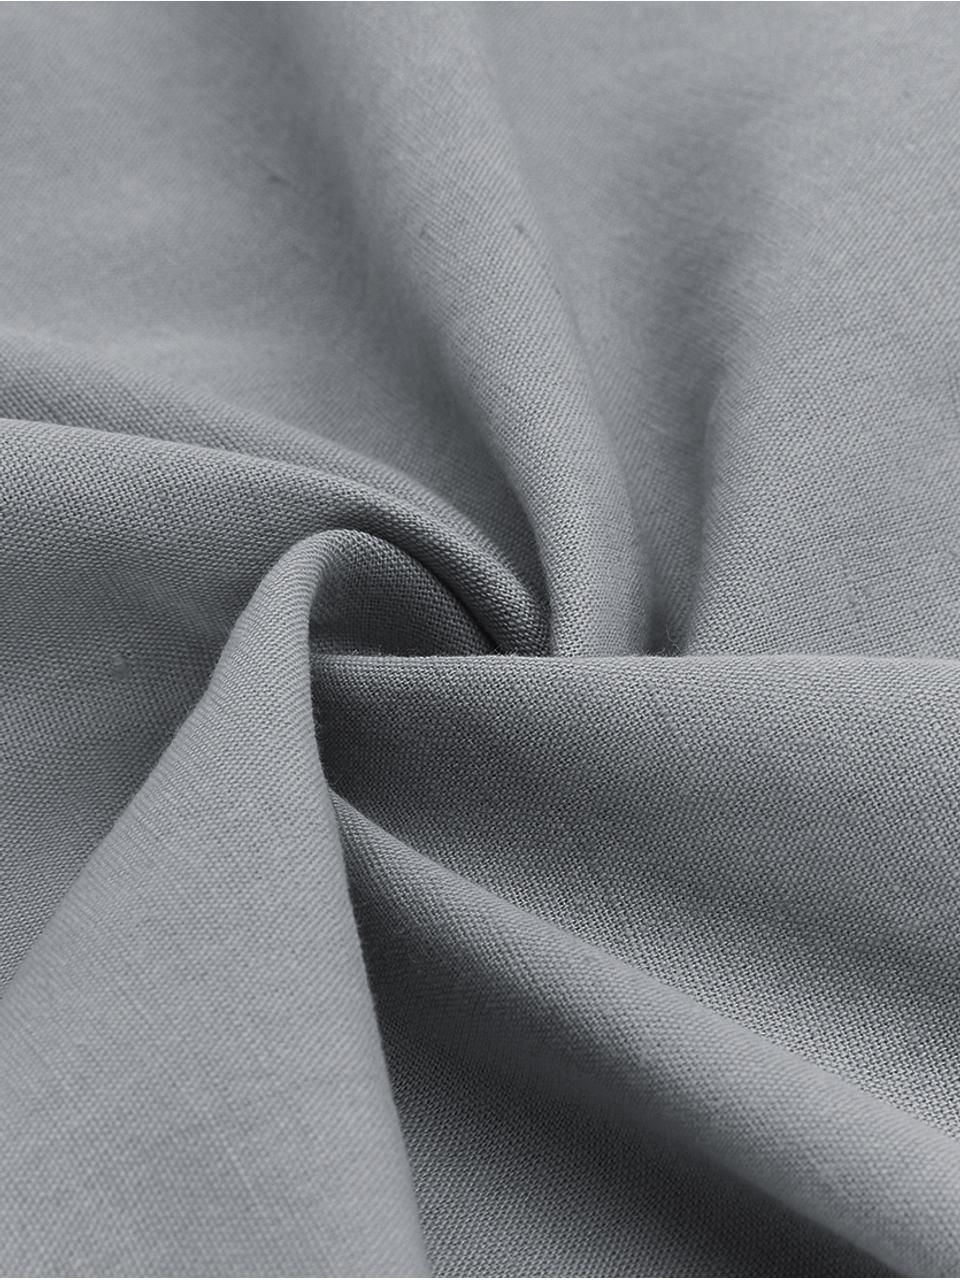 Gewaschene Leinen-Bettwäsche Nature in Dunkelgrau, Halbleinen (52% Leinen, 48% Baumwolle)  Fadendichte 108 TC, Standard Qualität  Halbleinen hat von Natur aus einen kernigen Griff und einen natürlichen Knitterlook, der durch den Stonewash-Effekt verstärkt wird. Es absorbiert bis zu 35% Luftfeuchtigkeit, trocknet sehr schnell und wirkt in Sommernächten angenehm kühlend. Die hohe Reißfestigkeit macht Halbleinen scheuerfest und strapazierfähig., Dunkelgrau, 155 x 220 cm + 1 Kissen 80 x 80 cm